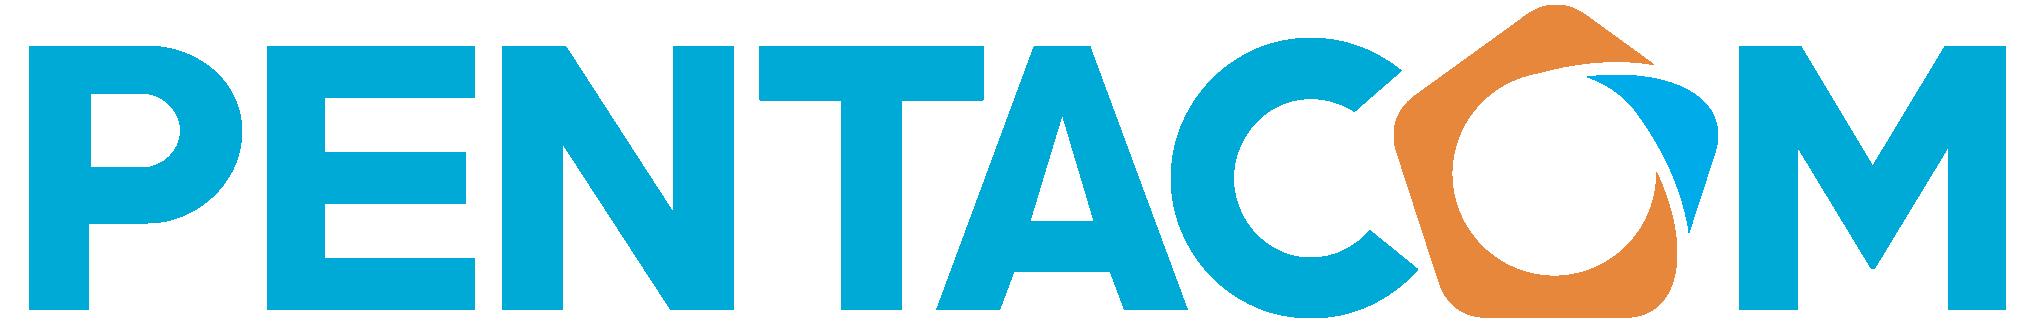 Formazione Finanziata Bologna logo